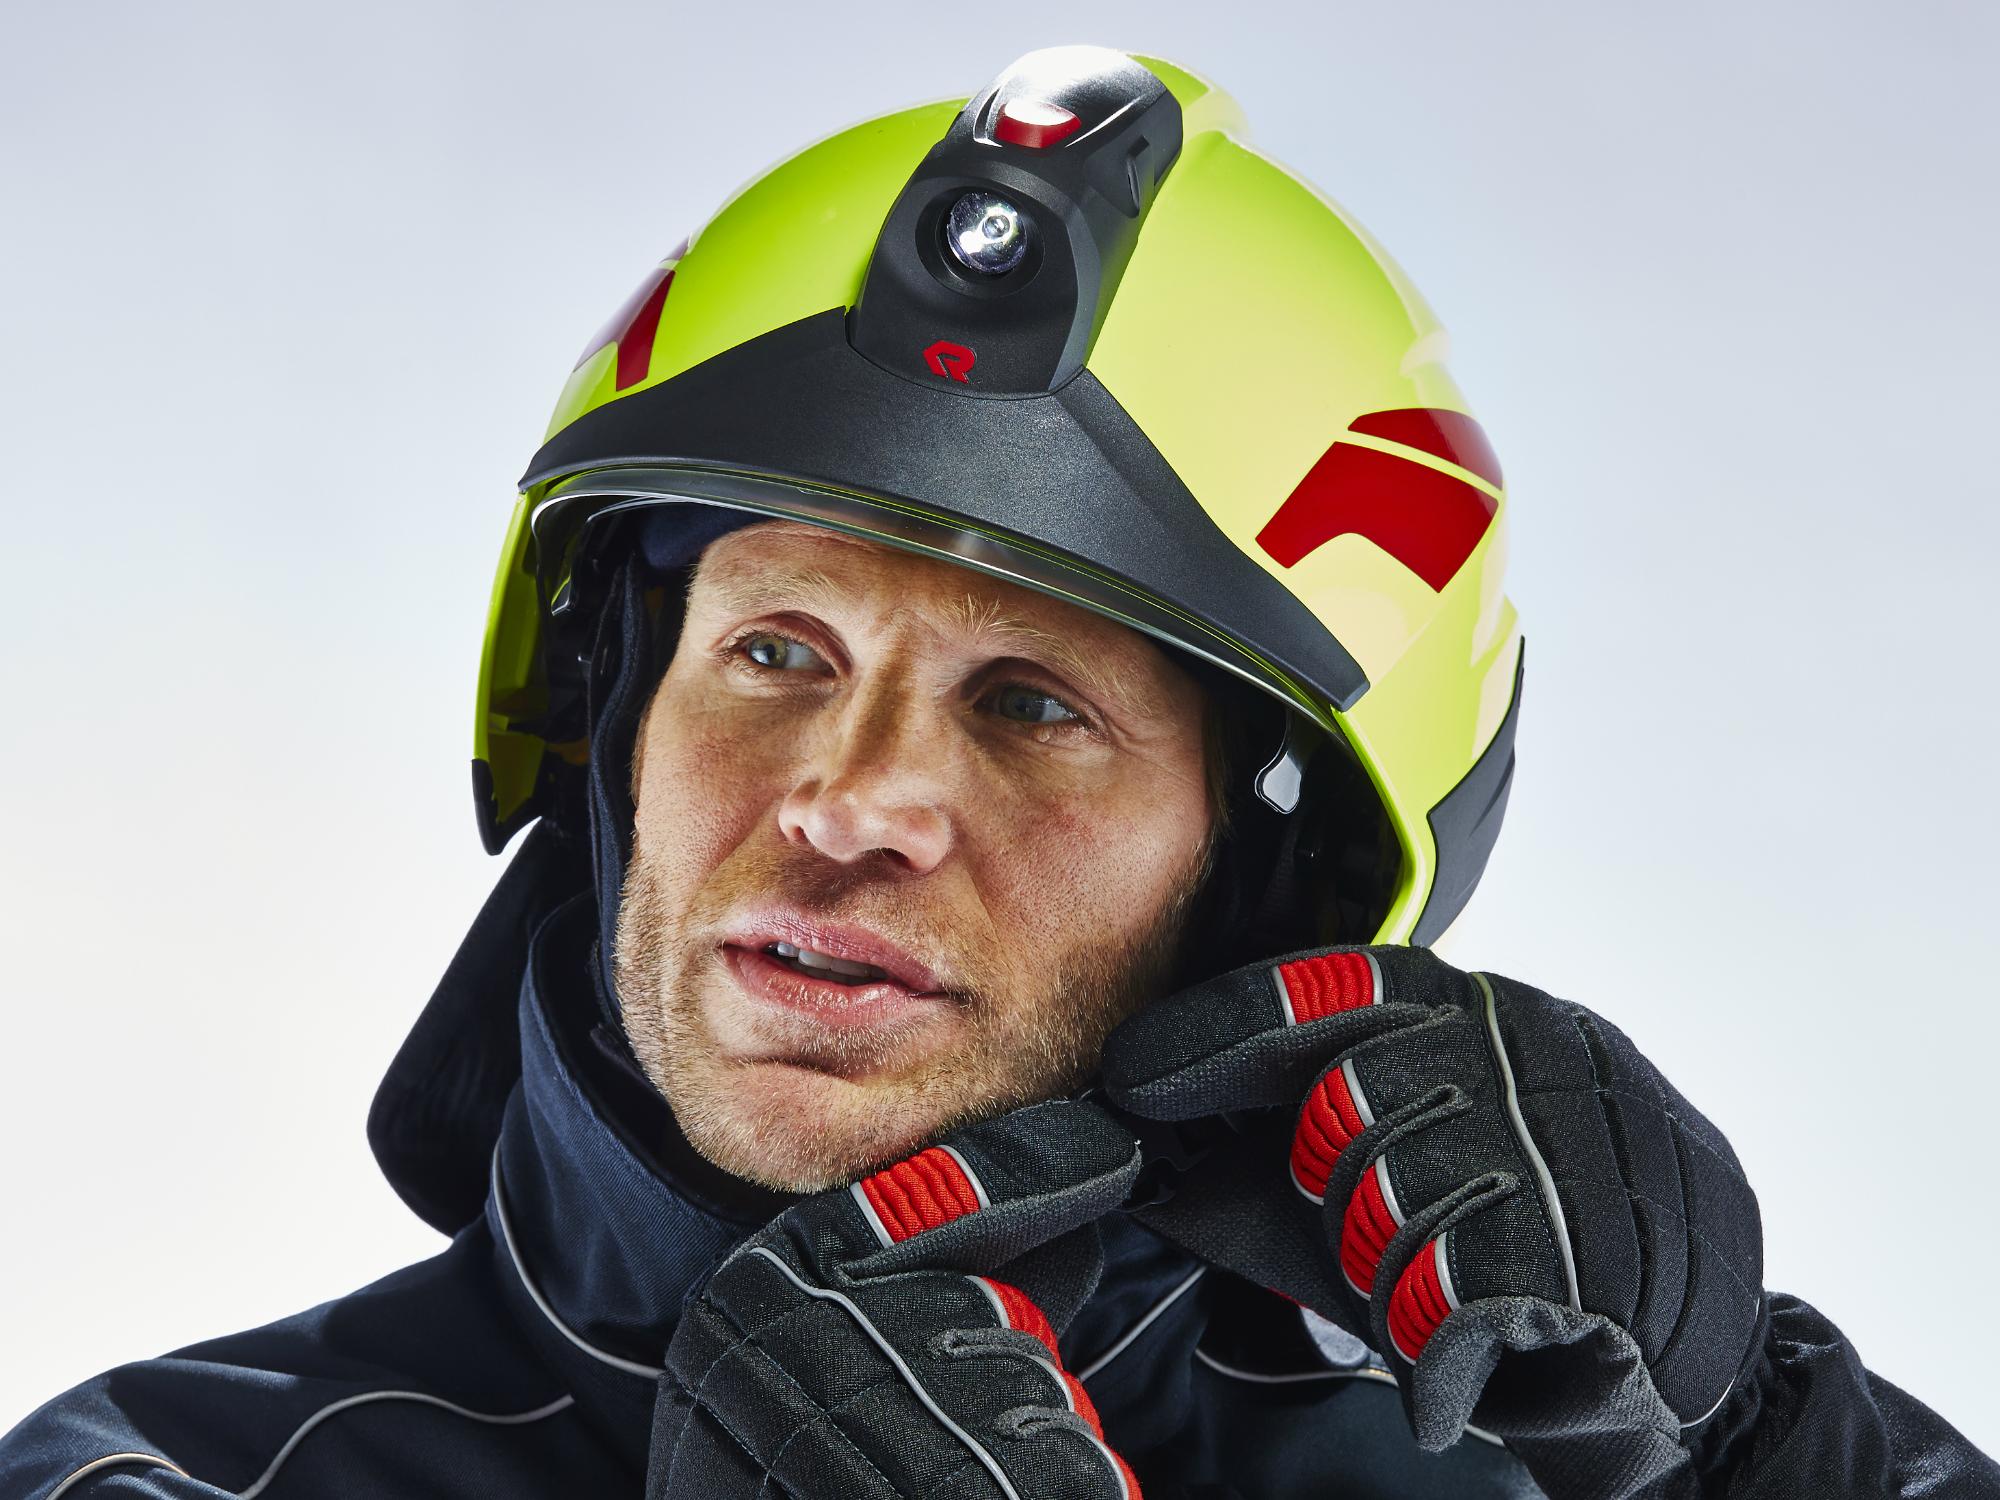 Emergencia en vivo | Rosenbauer: HEROS-titan en camino hacia el éxito image 3